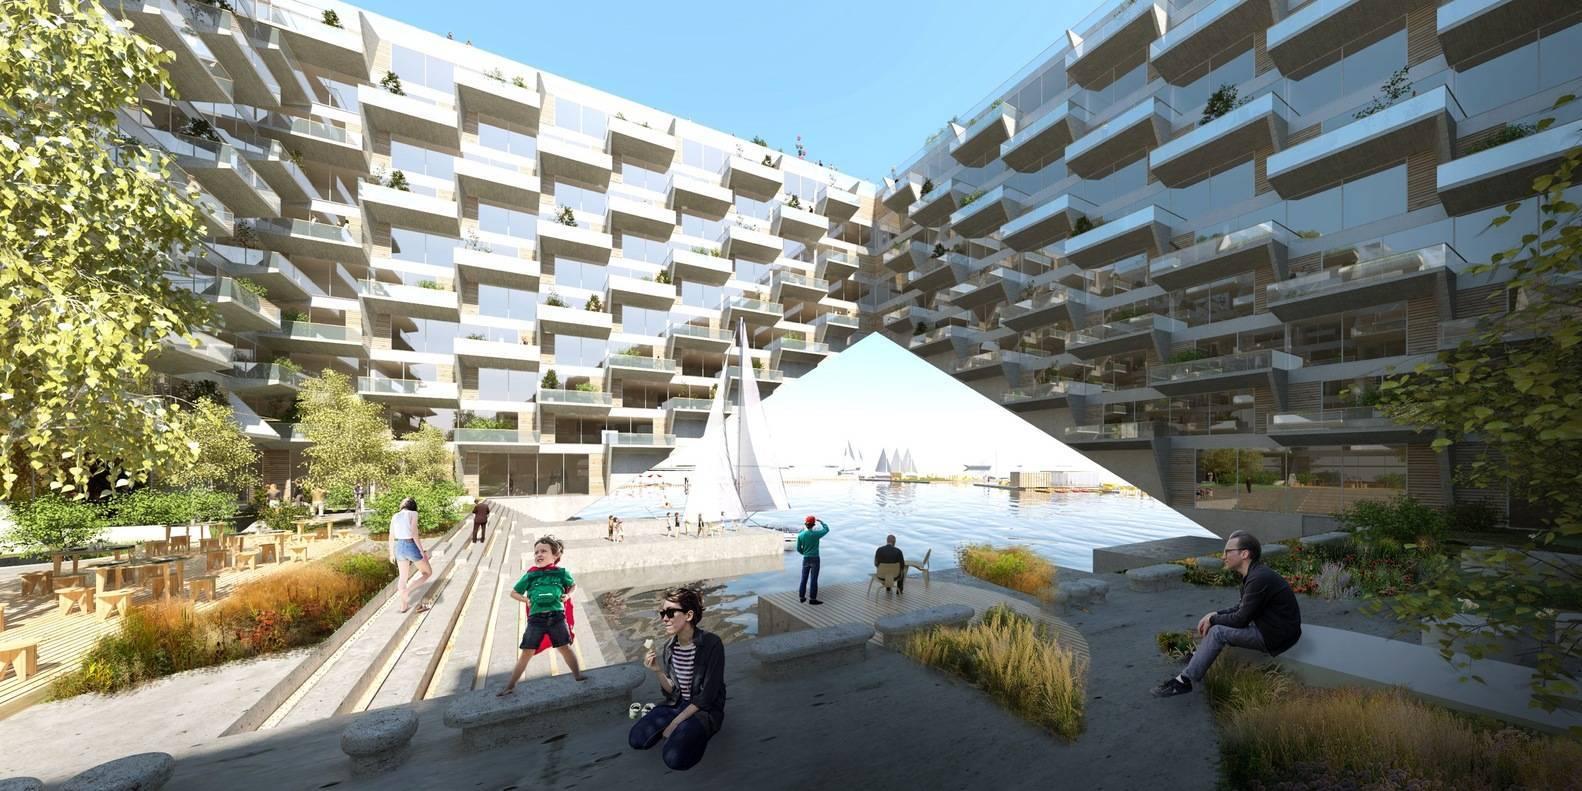 В Амстердаме возведут плавучий жилой комплекс